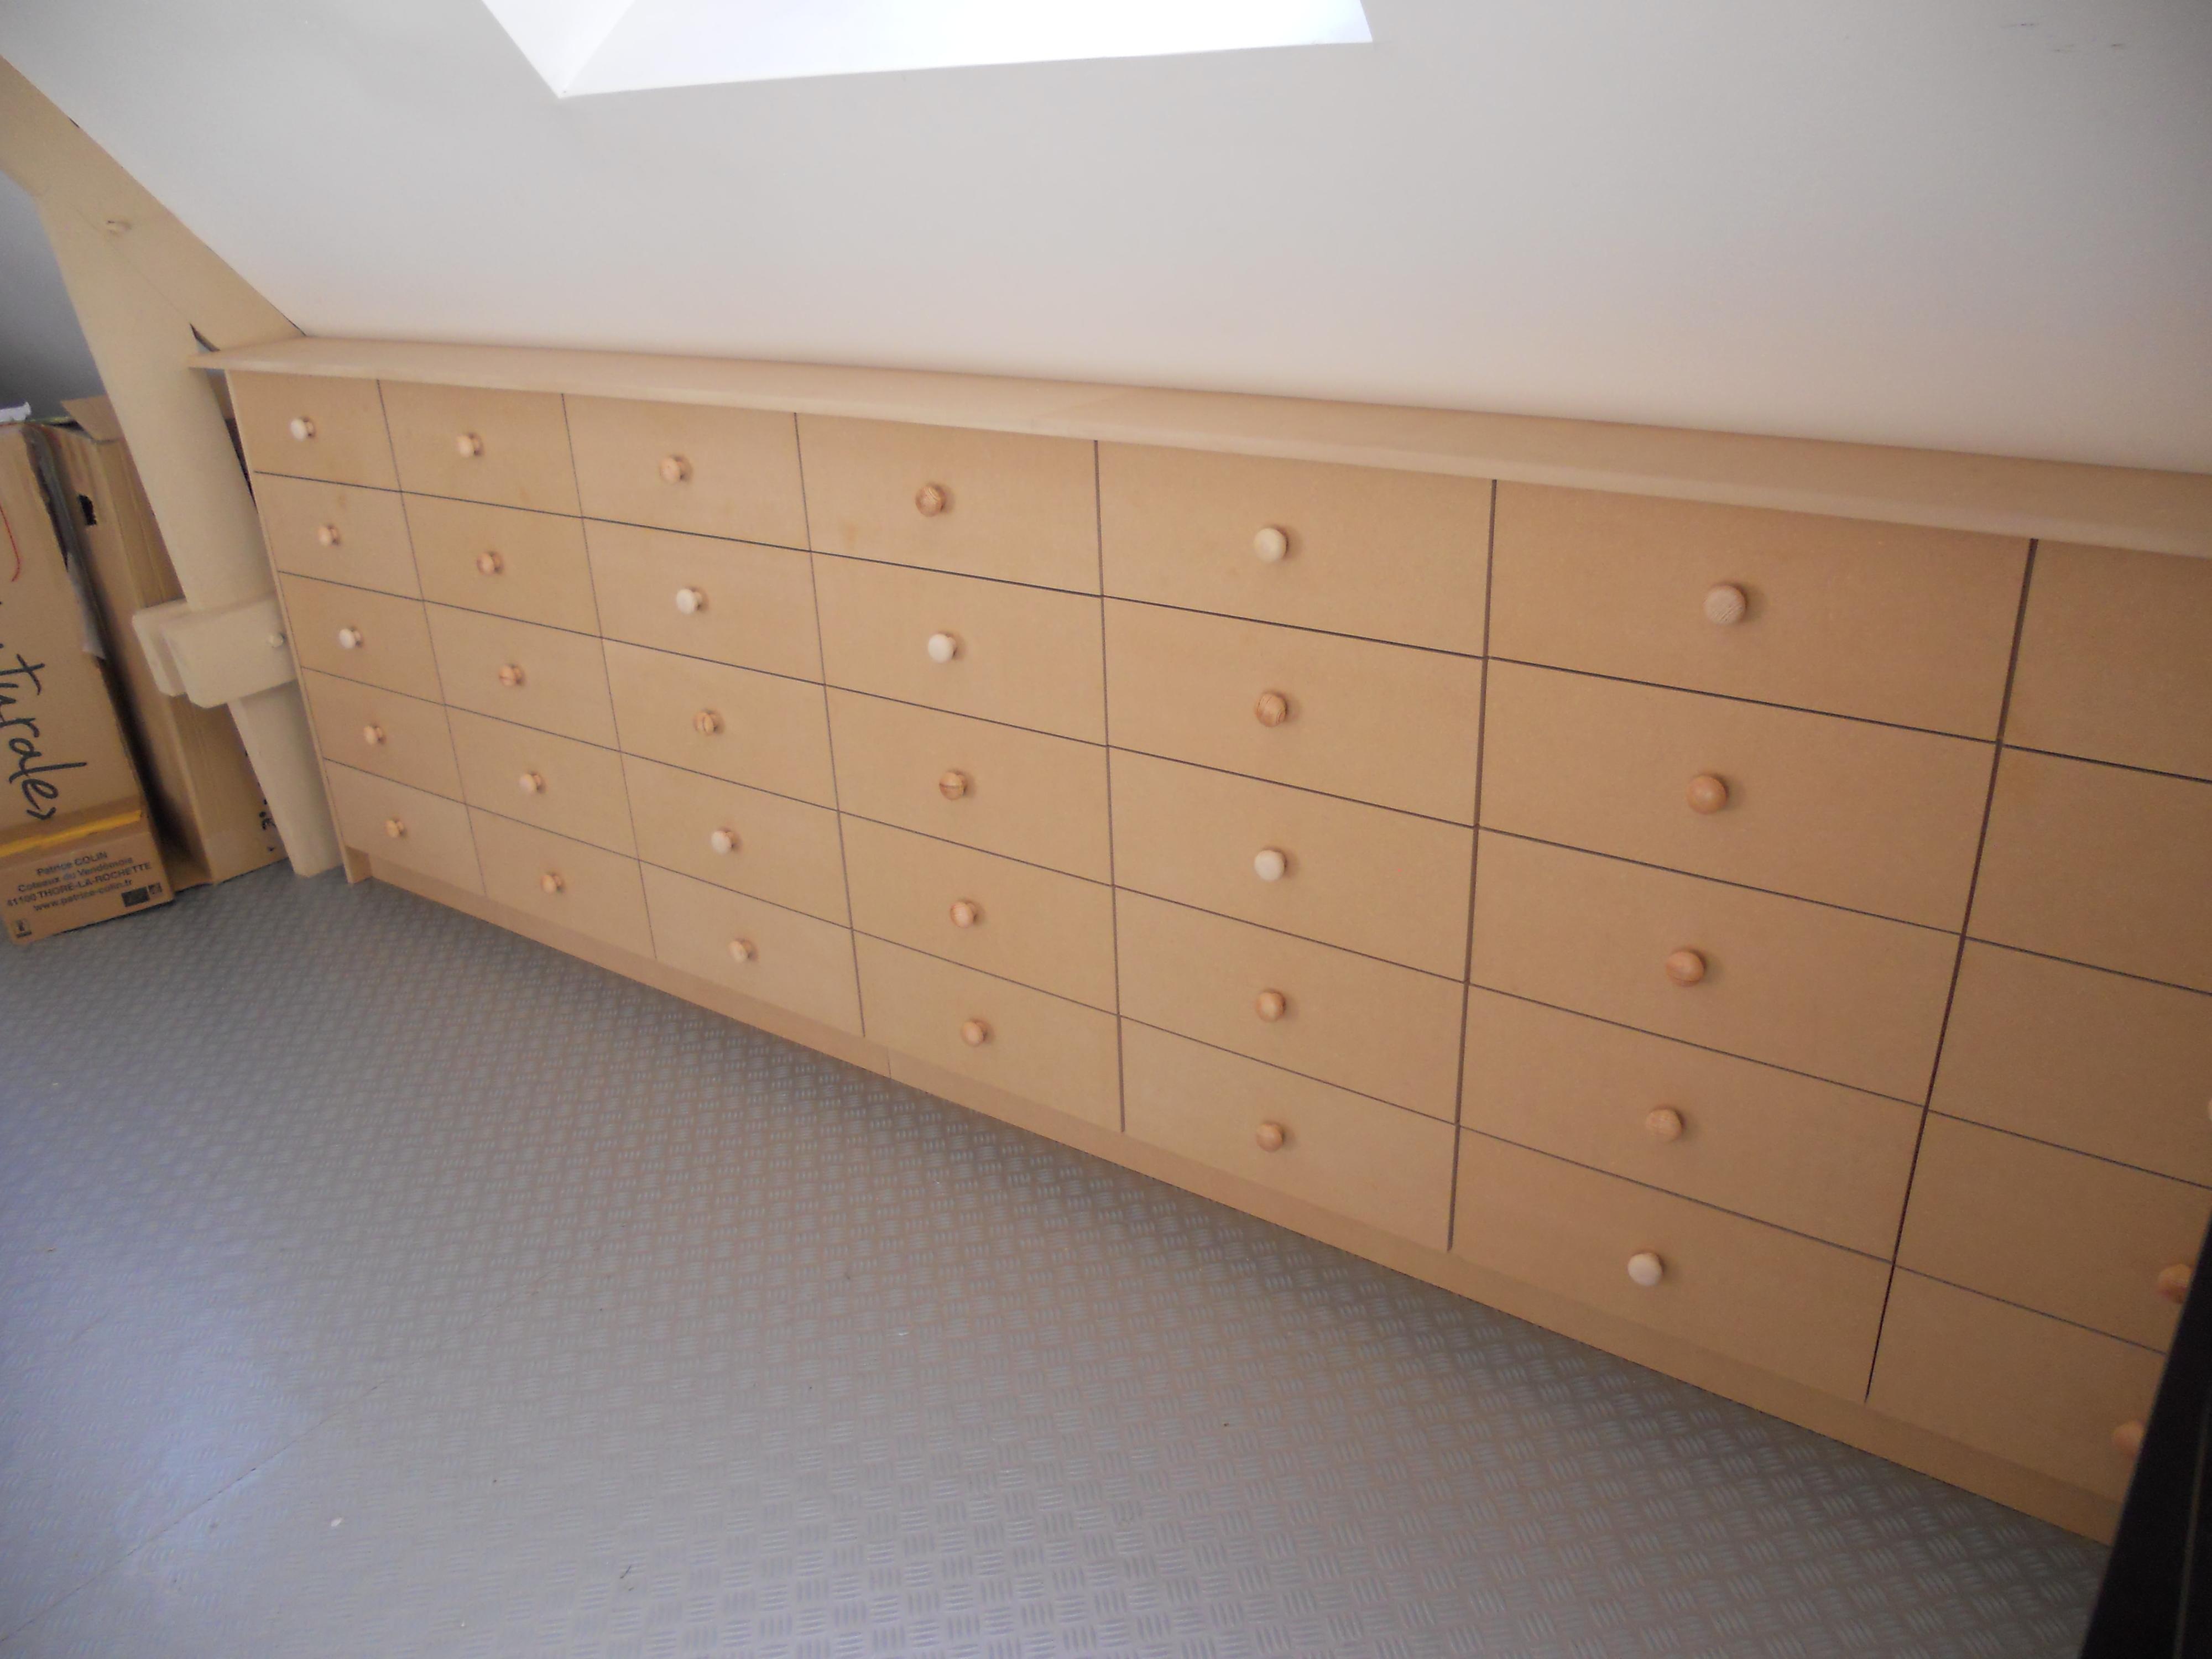 Plan Cuisine Sous Pente meuble avec 35 tiroirs sous pente – brodie agencement